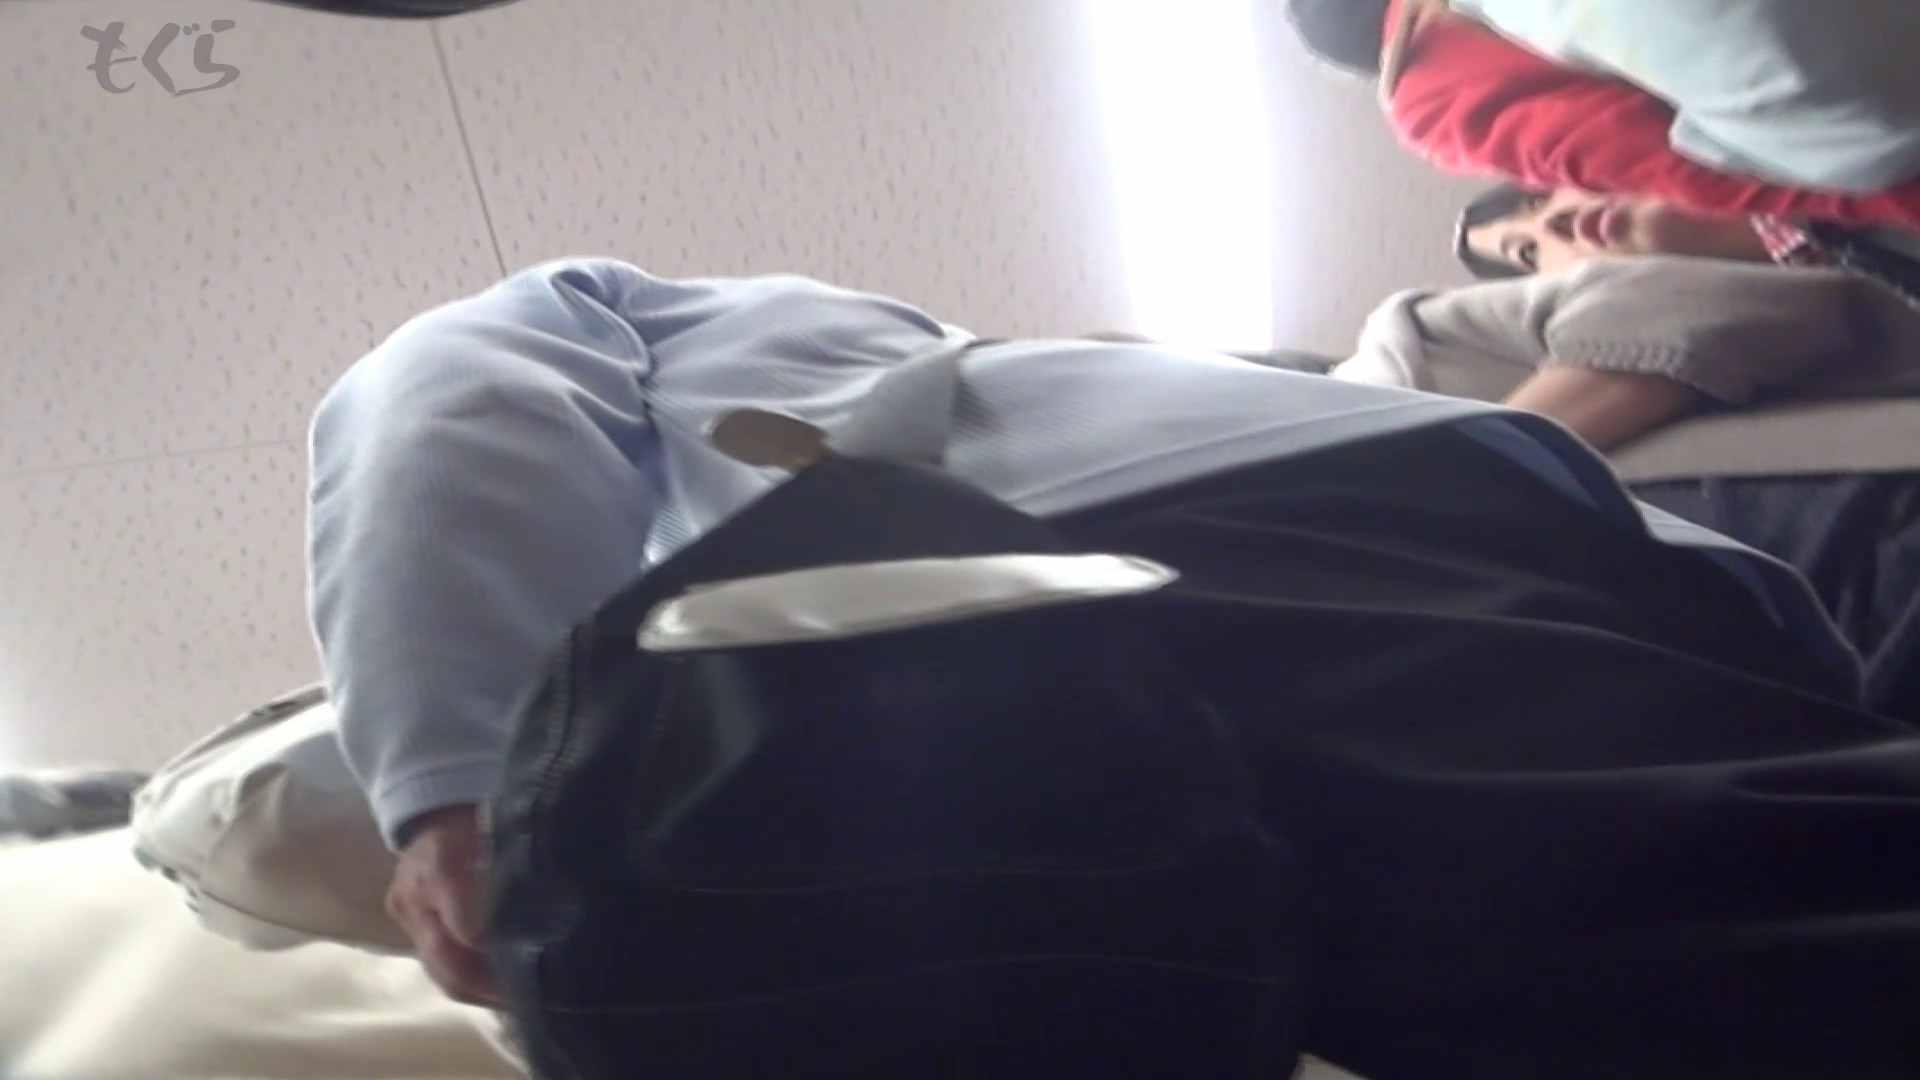 セックスアダルト動画|隣からNo4 白のふりふりスカートの奥の白!!|怪盗ジョーカー